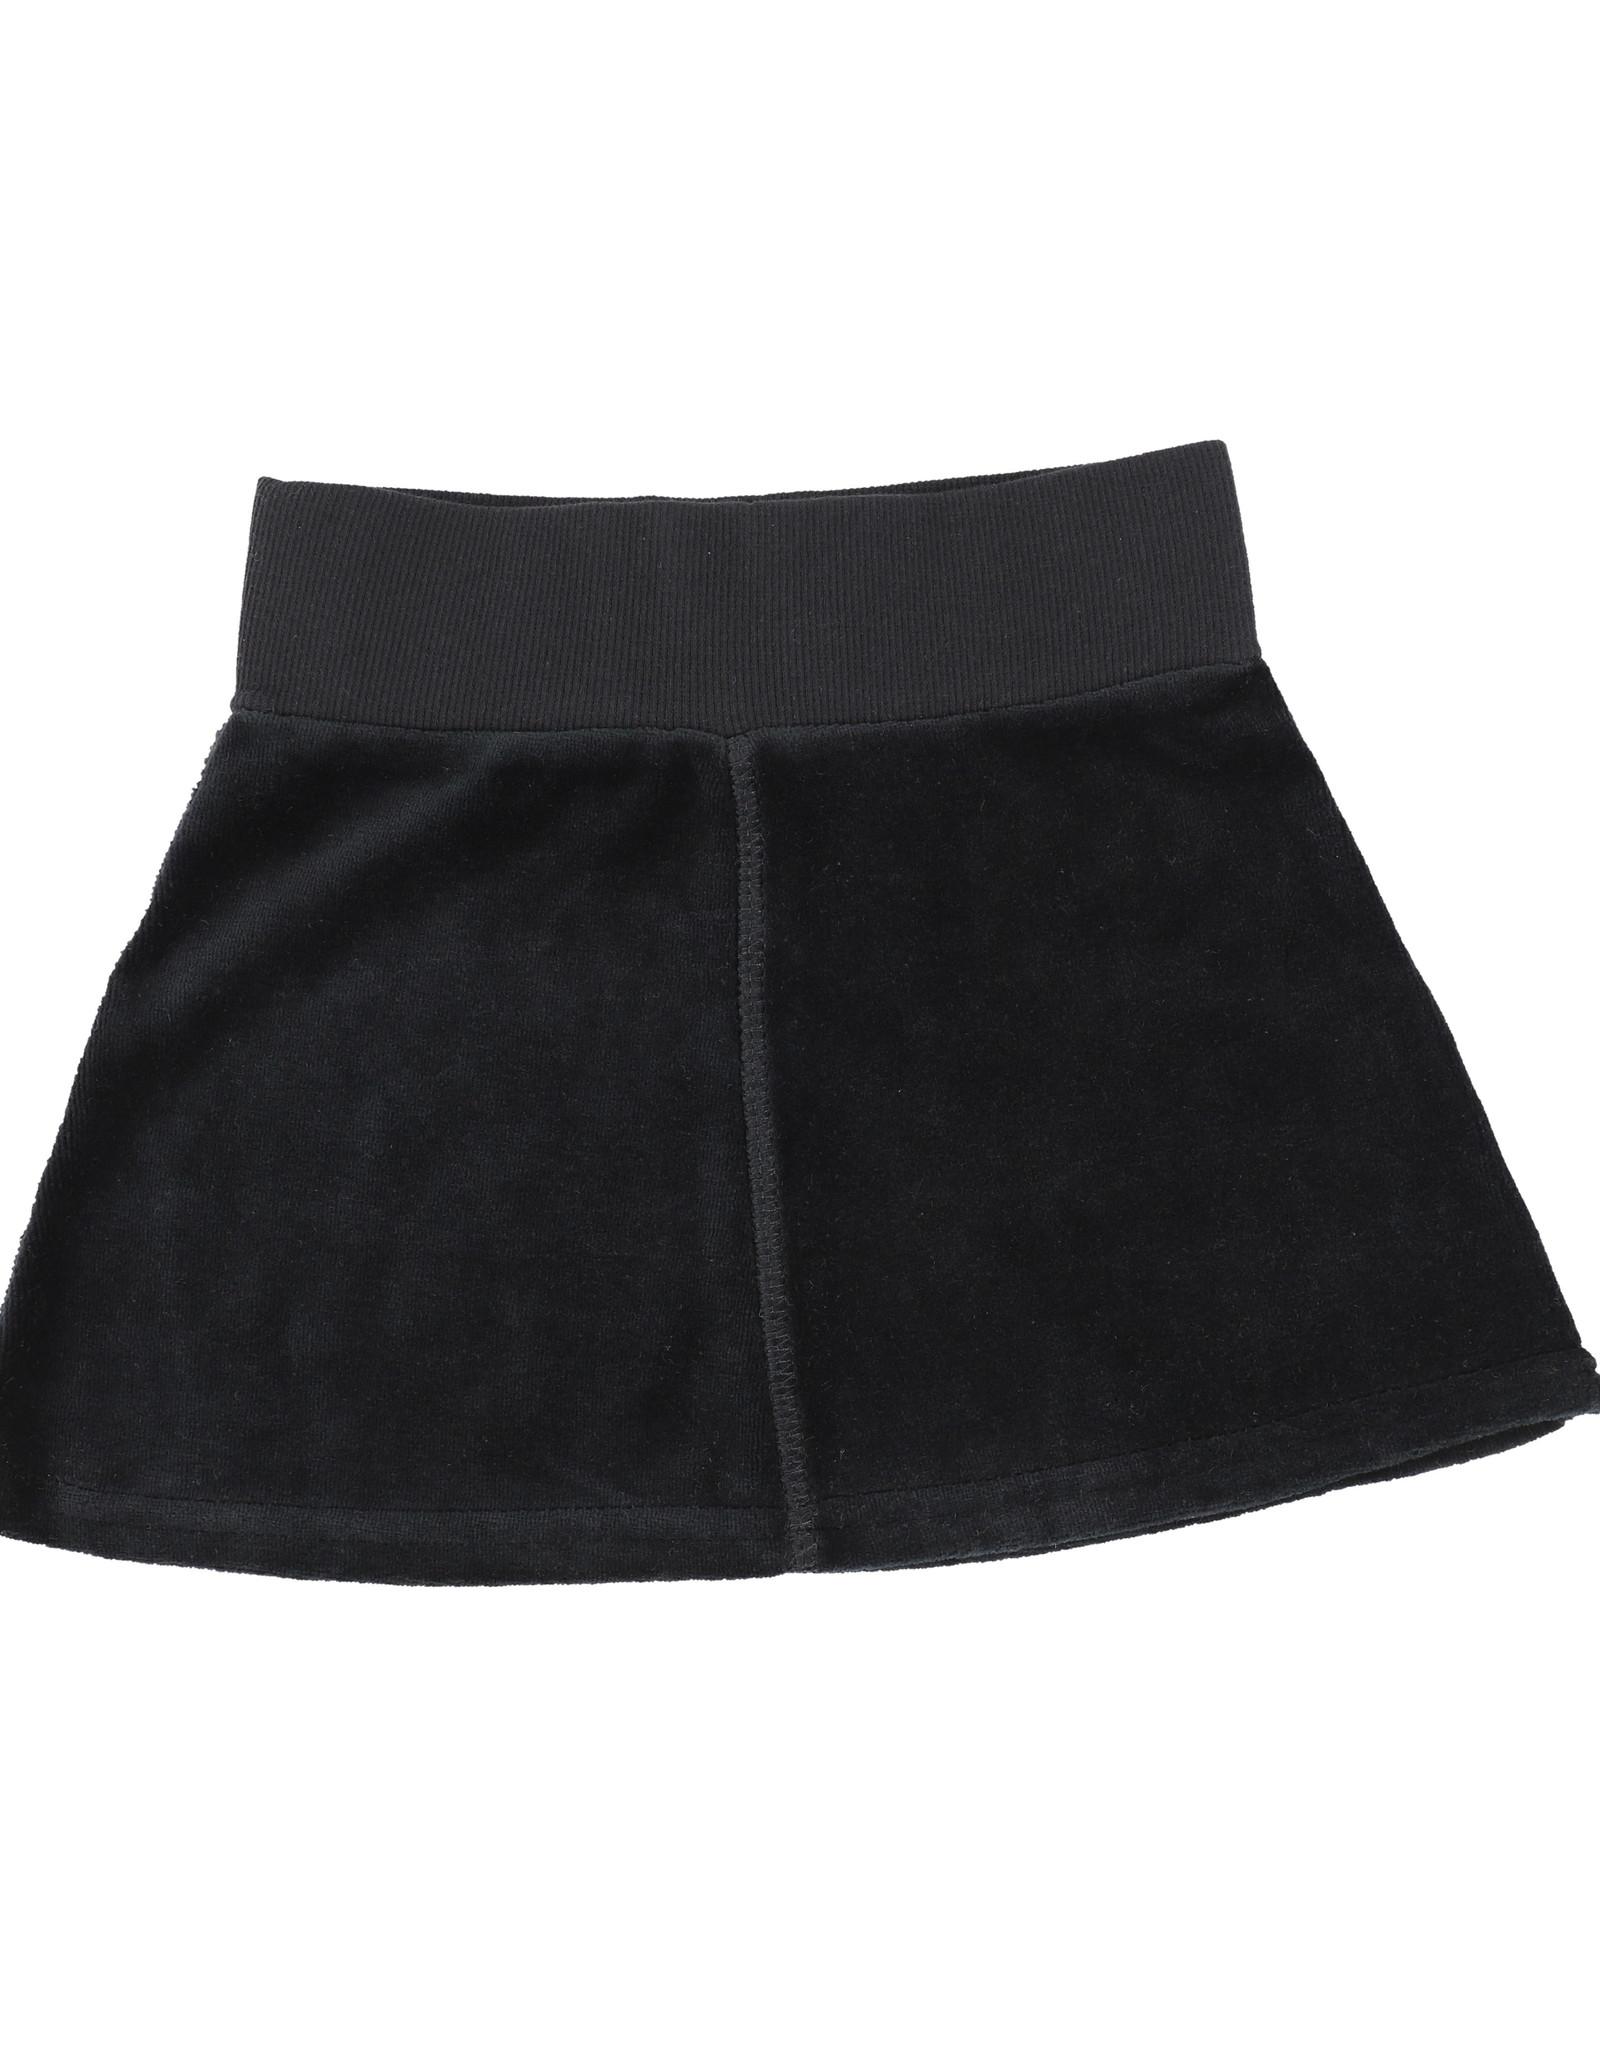 Analogie Analogie Velour Skirt